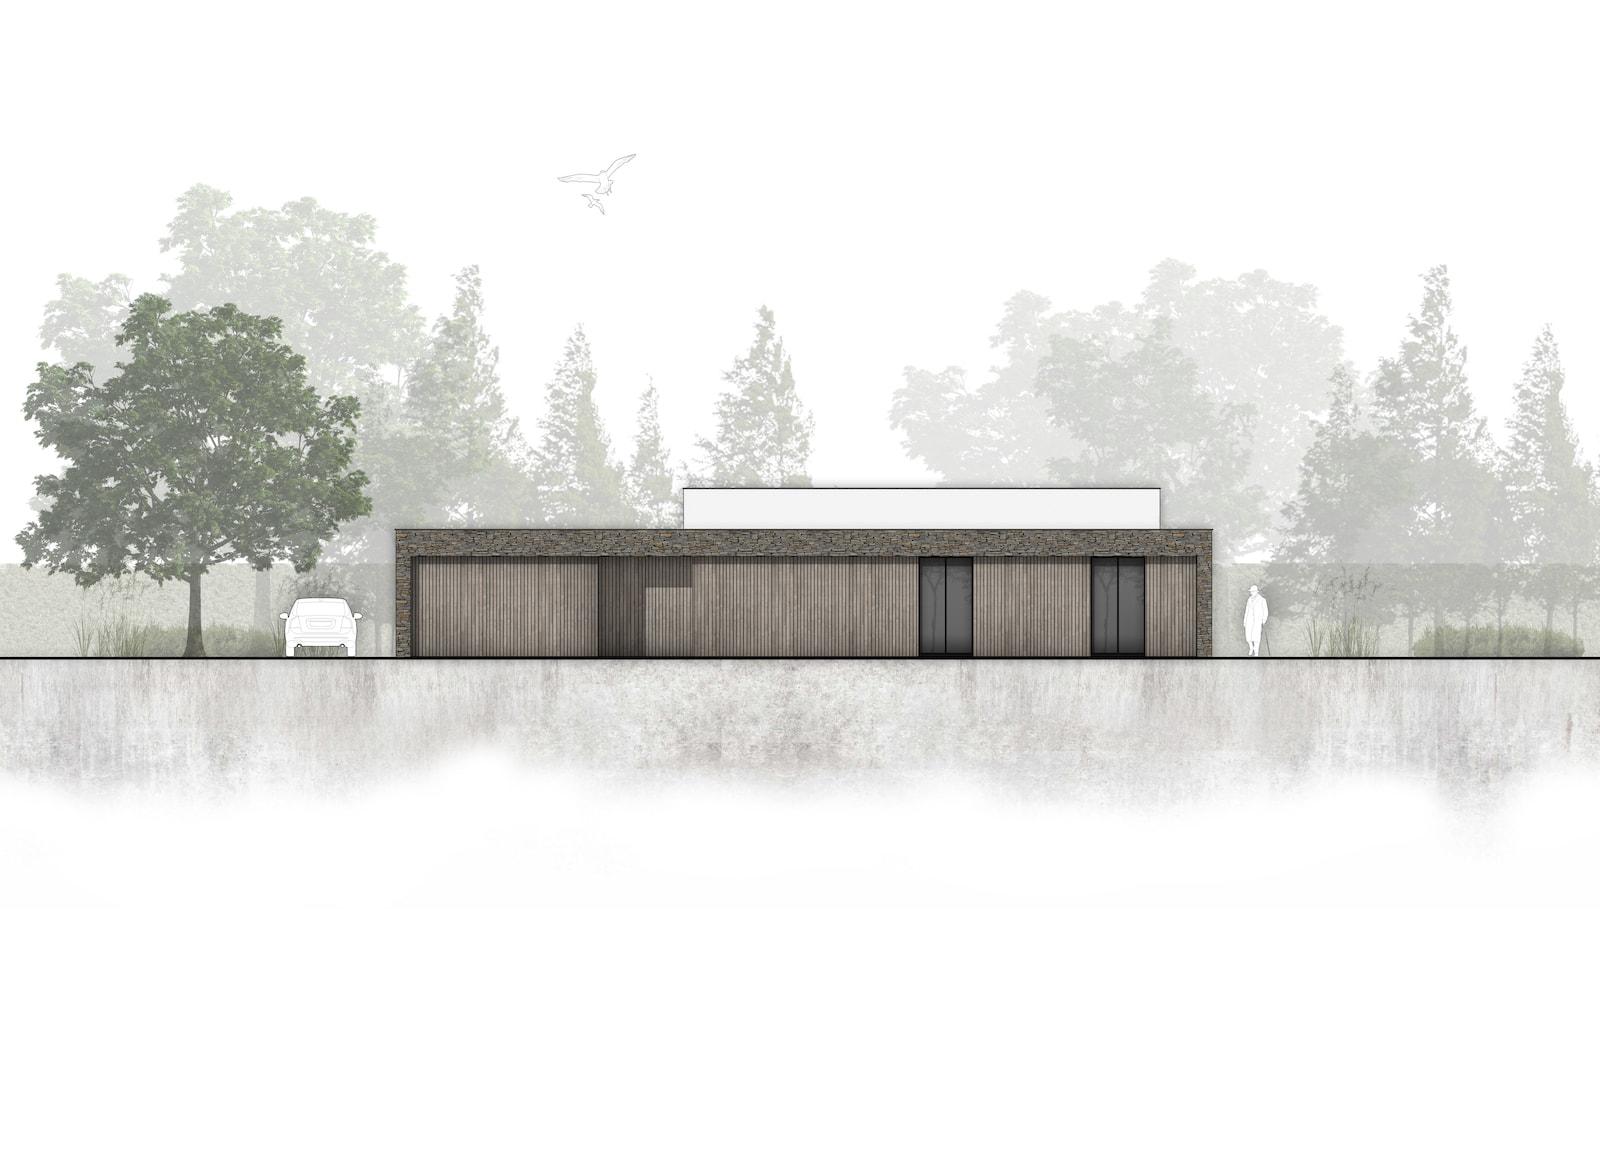 van-os-architecten-breda-nieuwbouw-moderne-bungalow-in-zichtwerk-natuurgevelsteen-en-gevelstucwerk-in-breda-natuursteen-kader-gevuld-met-houten-gevelbekleding